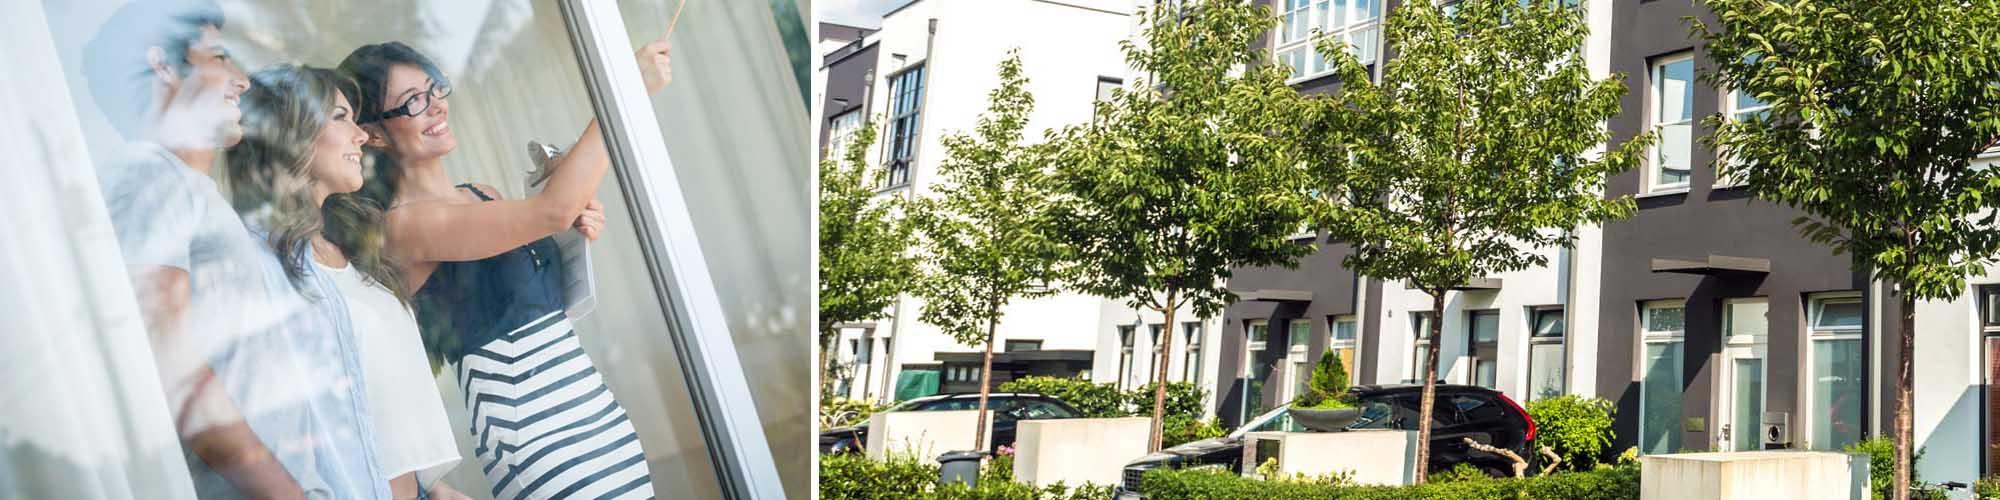 Hausverkauf - Stuttgart - Haus verkaufen_1 -